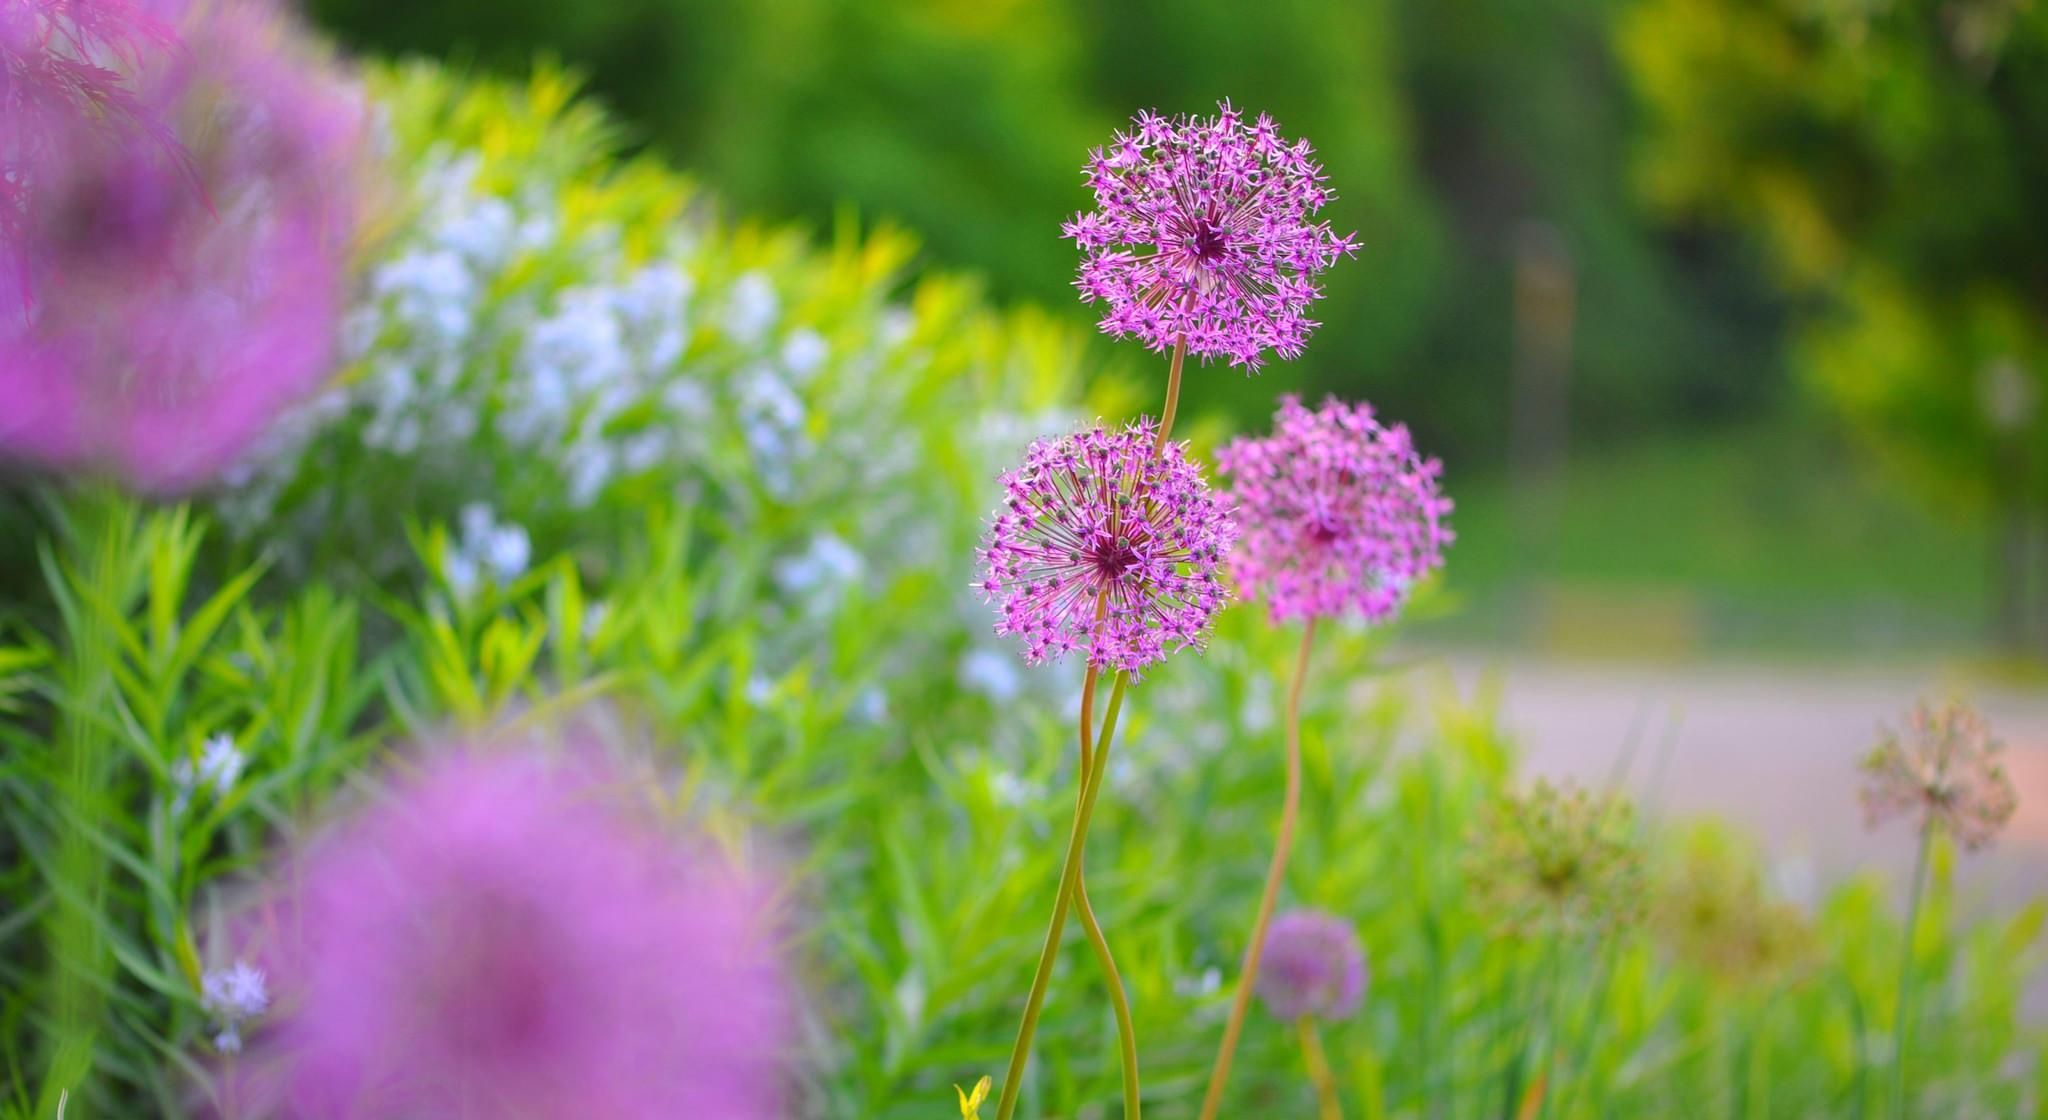 цветок, макро, розовый, природа, растения  № 695965 бесплатно